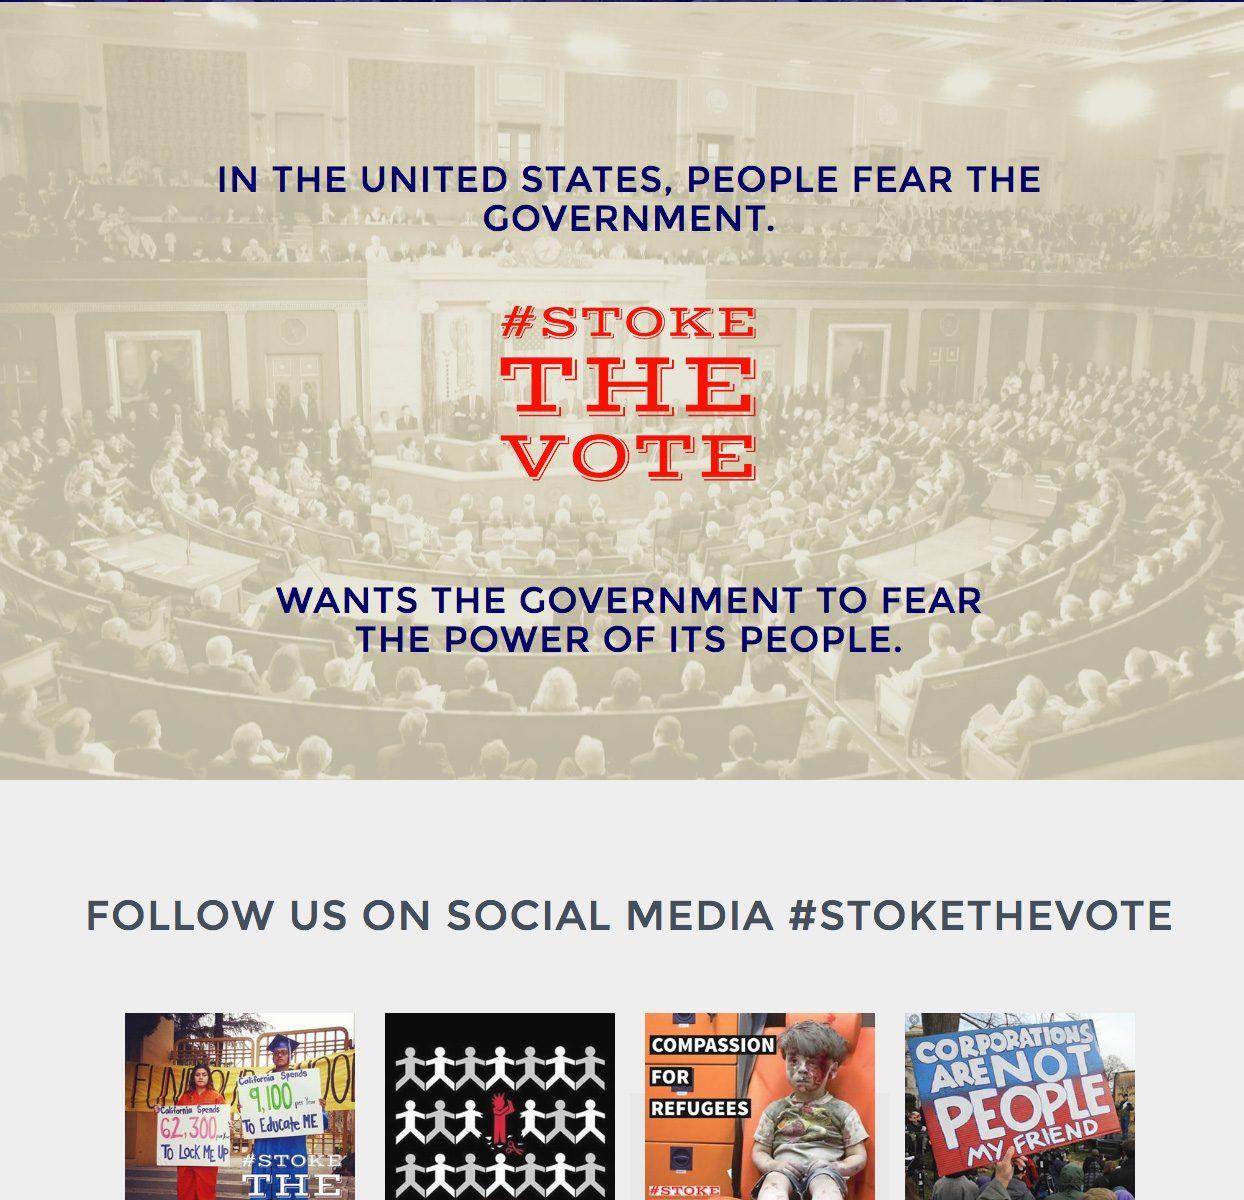 Stokethevote7